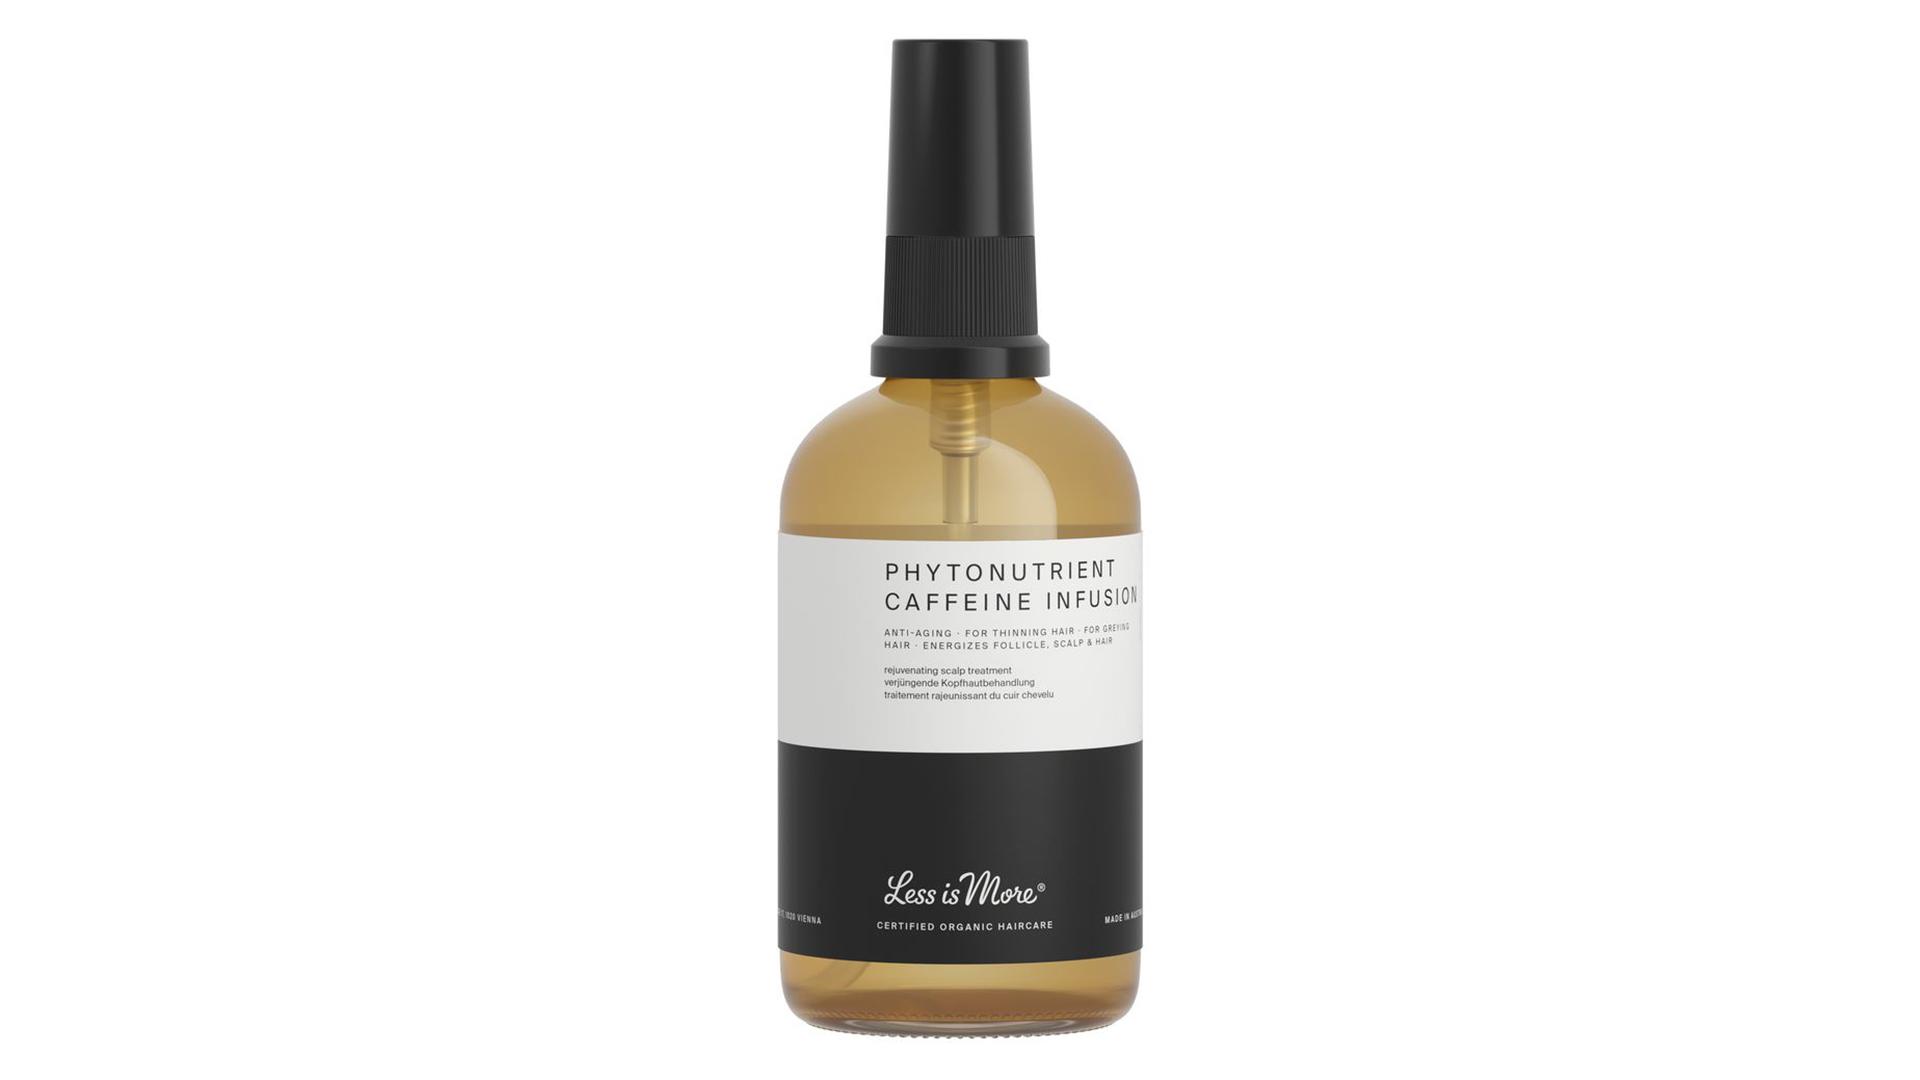 3. Vahvistava anti-age seerumisuihke vastaa harmaantuvien ja ohenevien hiusten tarpeisiin. Less is More Phytonutrient Caffeine Infusion -hiussuihke, 37 €/100 ml.